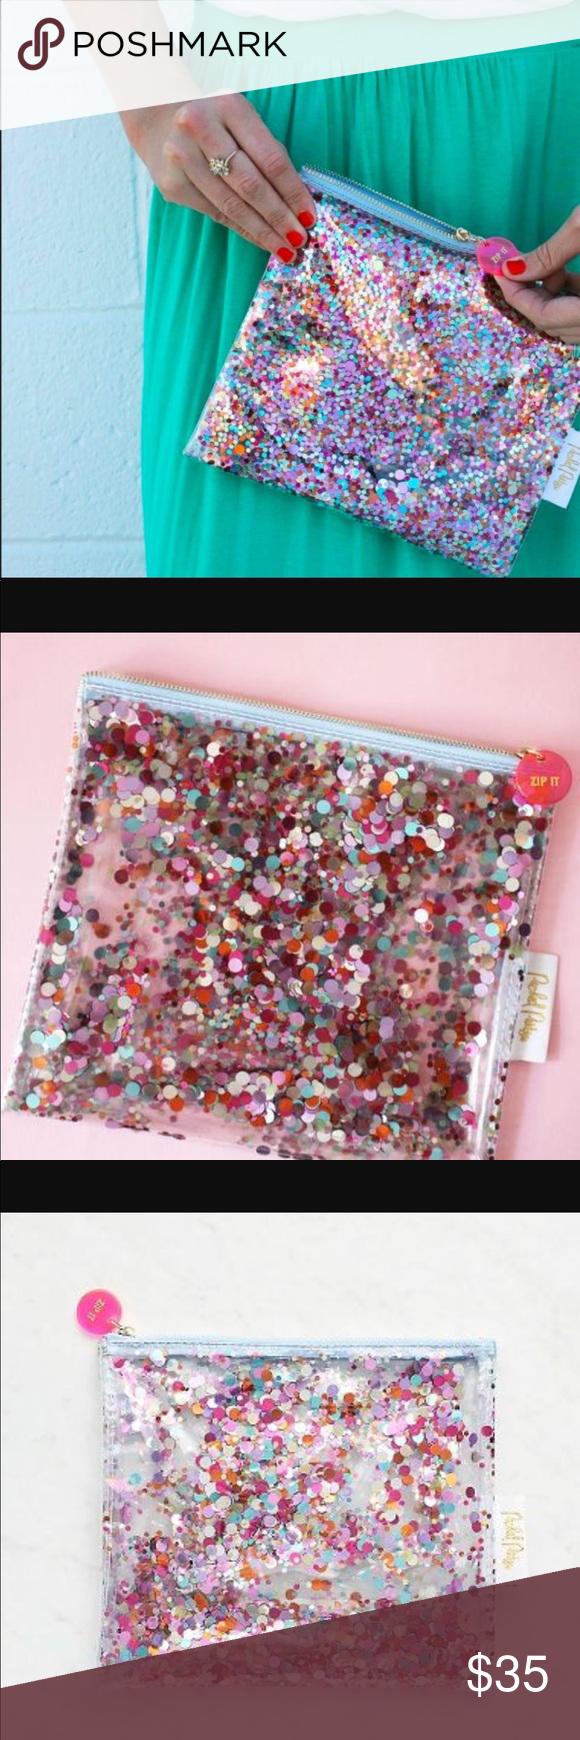 Celebration confetti makeup pouch NWT Makeup pouch